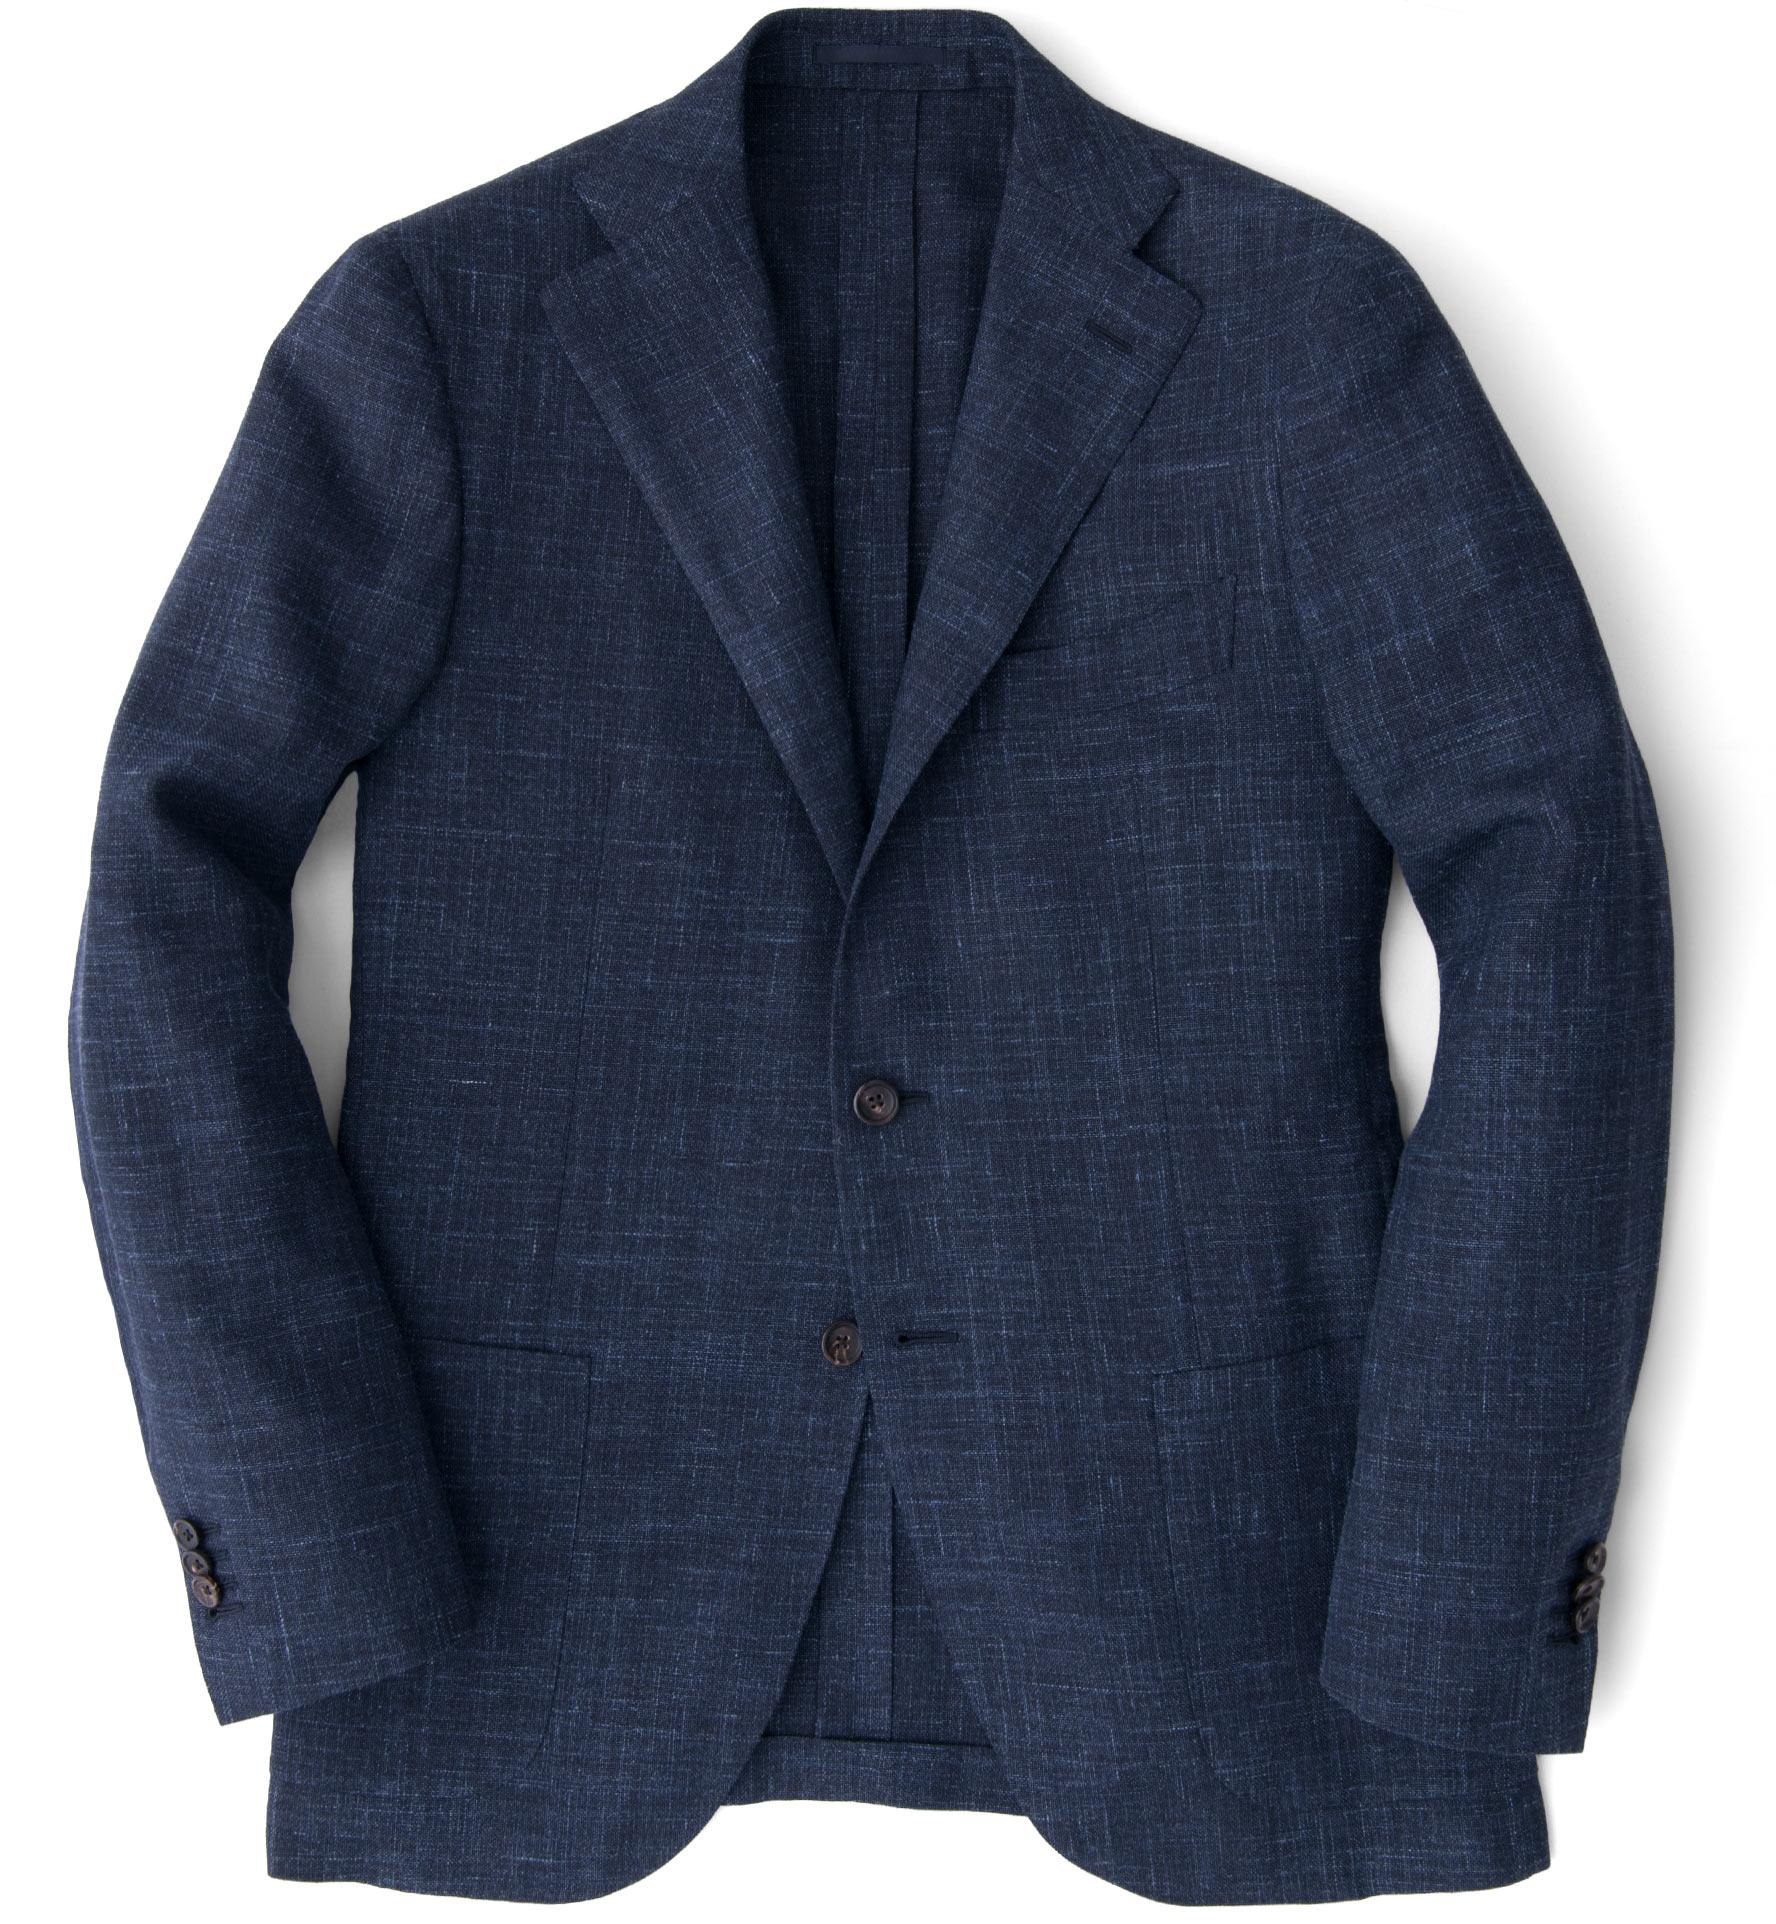 Zoom Image of Hudson Navy Slub Weave Jacket